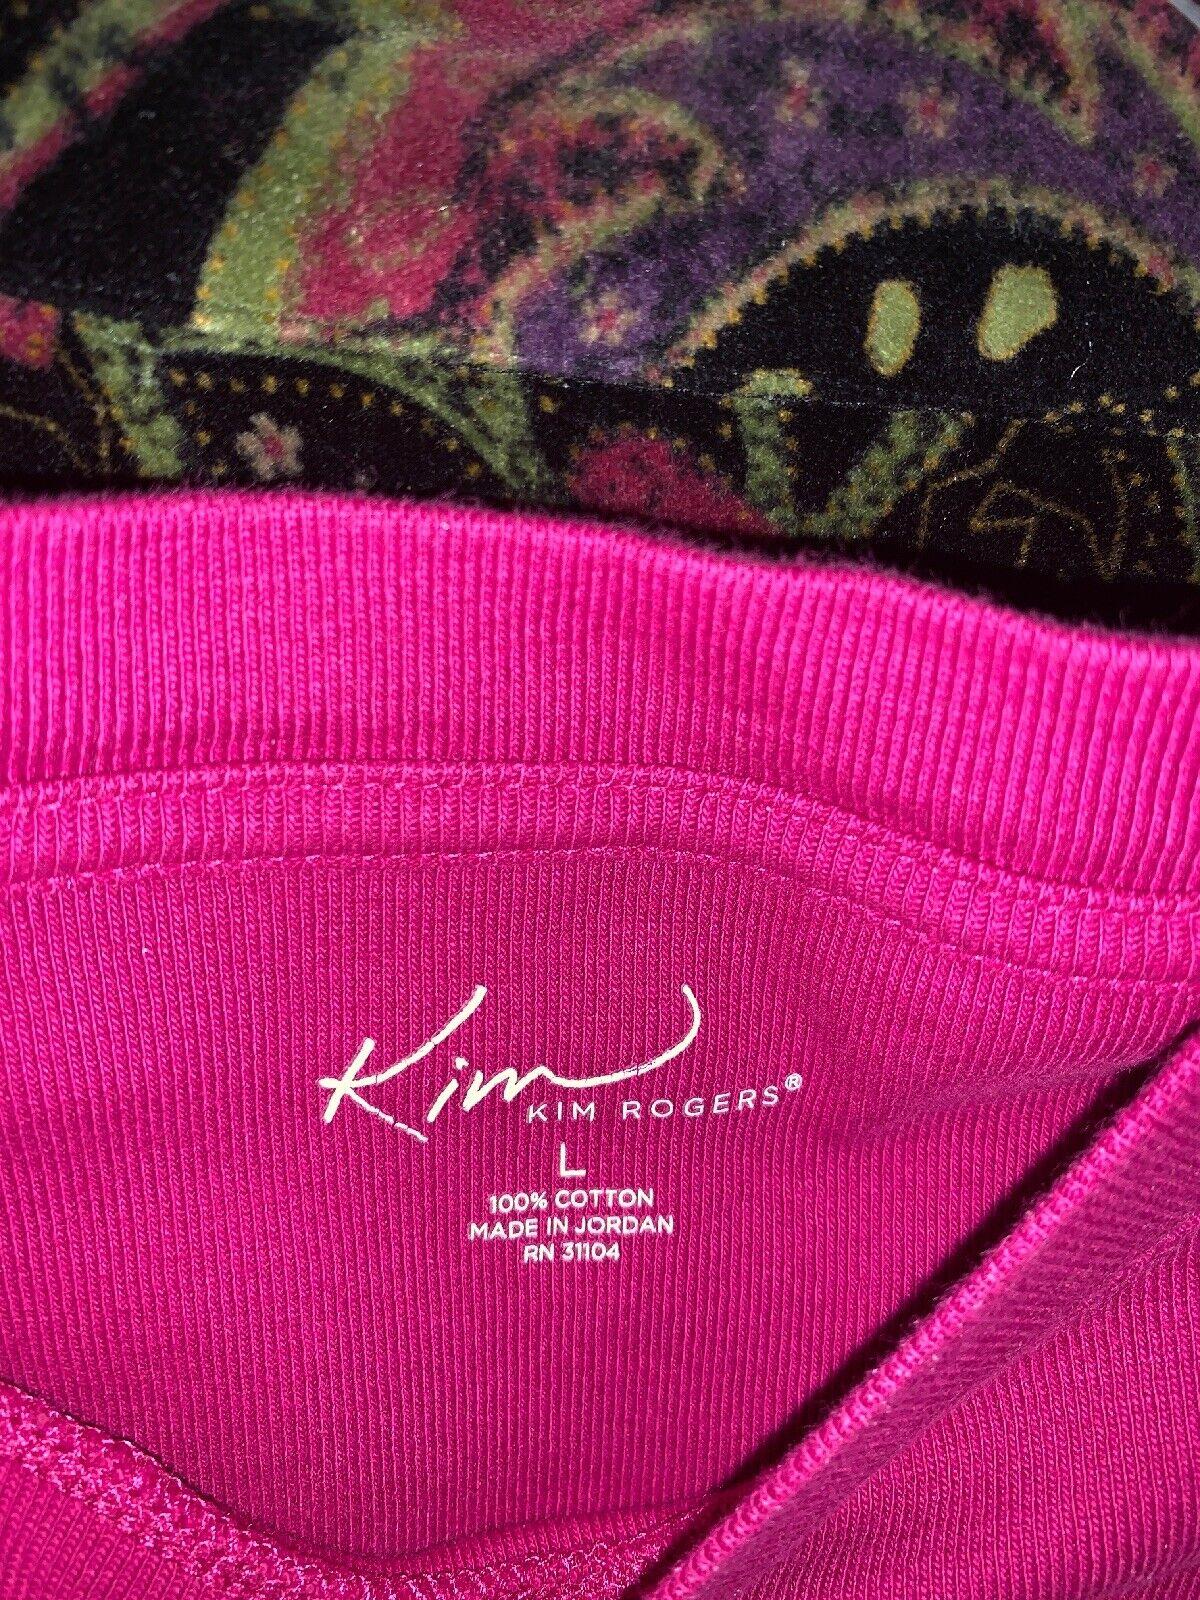 Christopher Banks Paisley & Kim Rogers Jazzy Blaz… - image 4